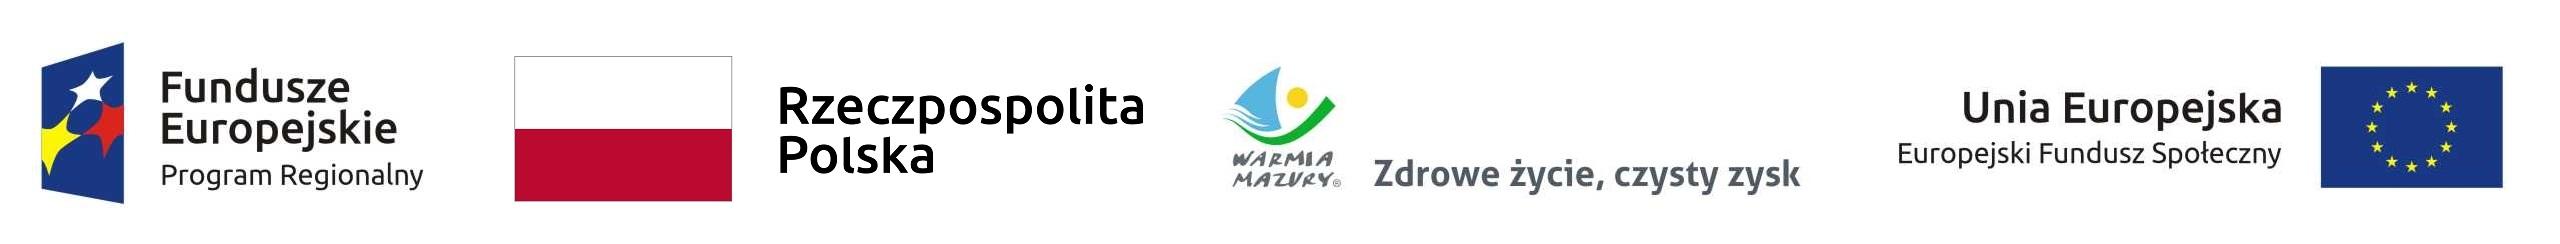 logotypy kolor_PL